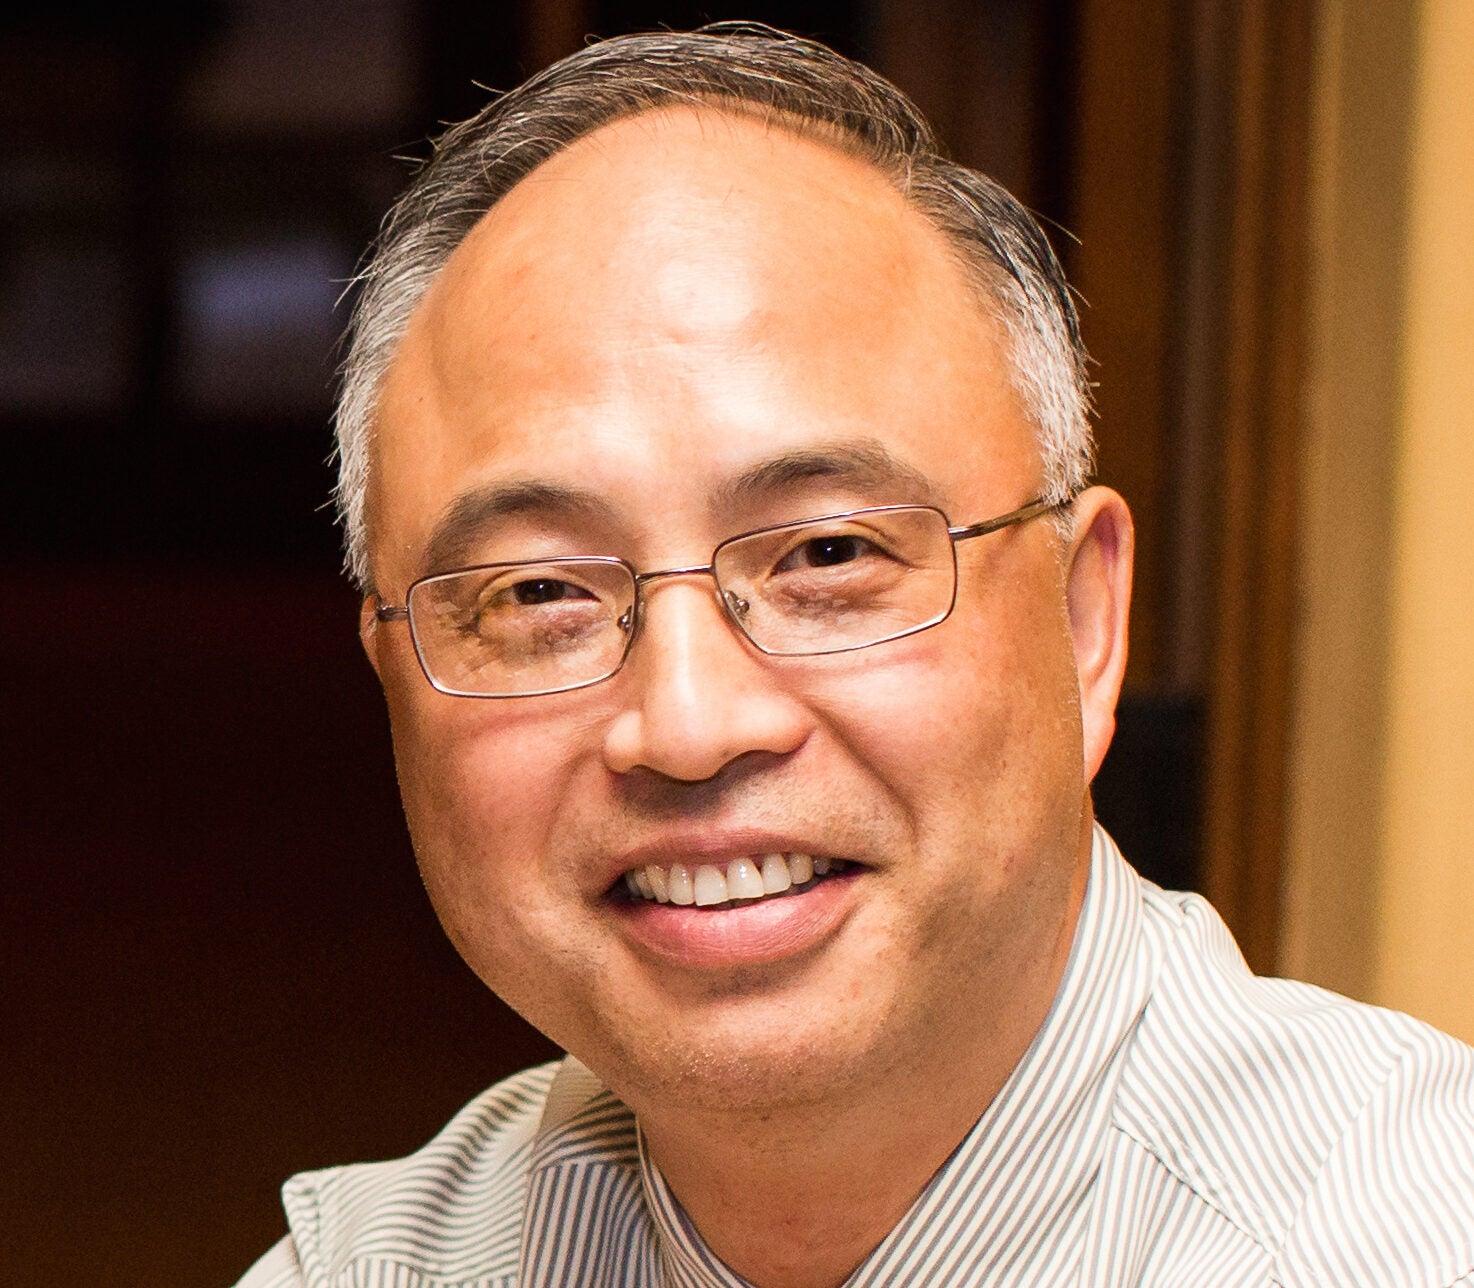 Headshot of YuYe Tong